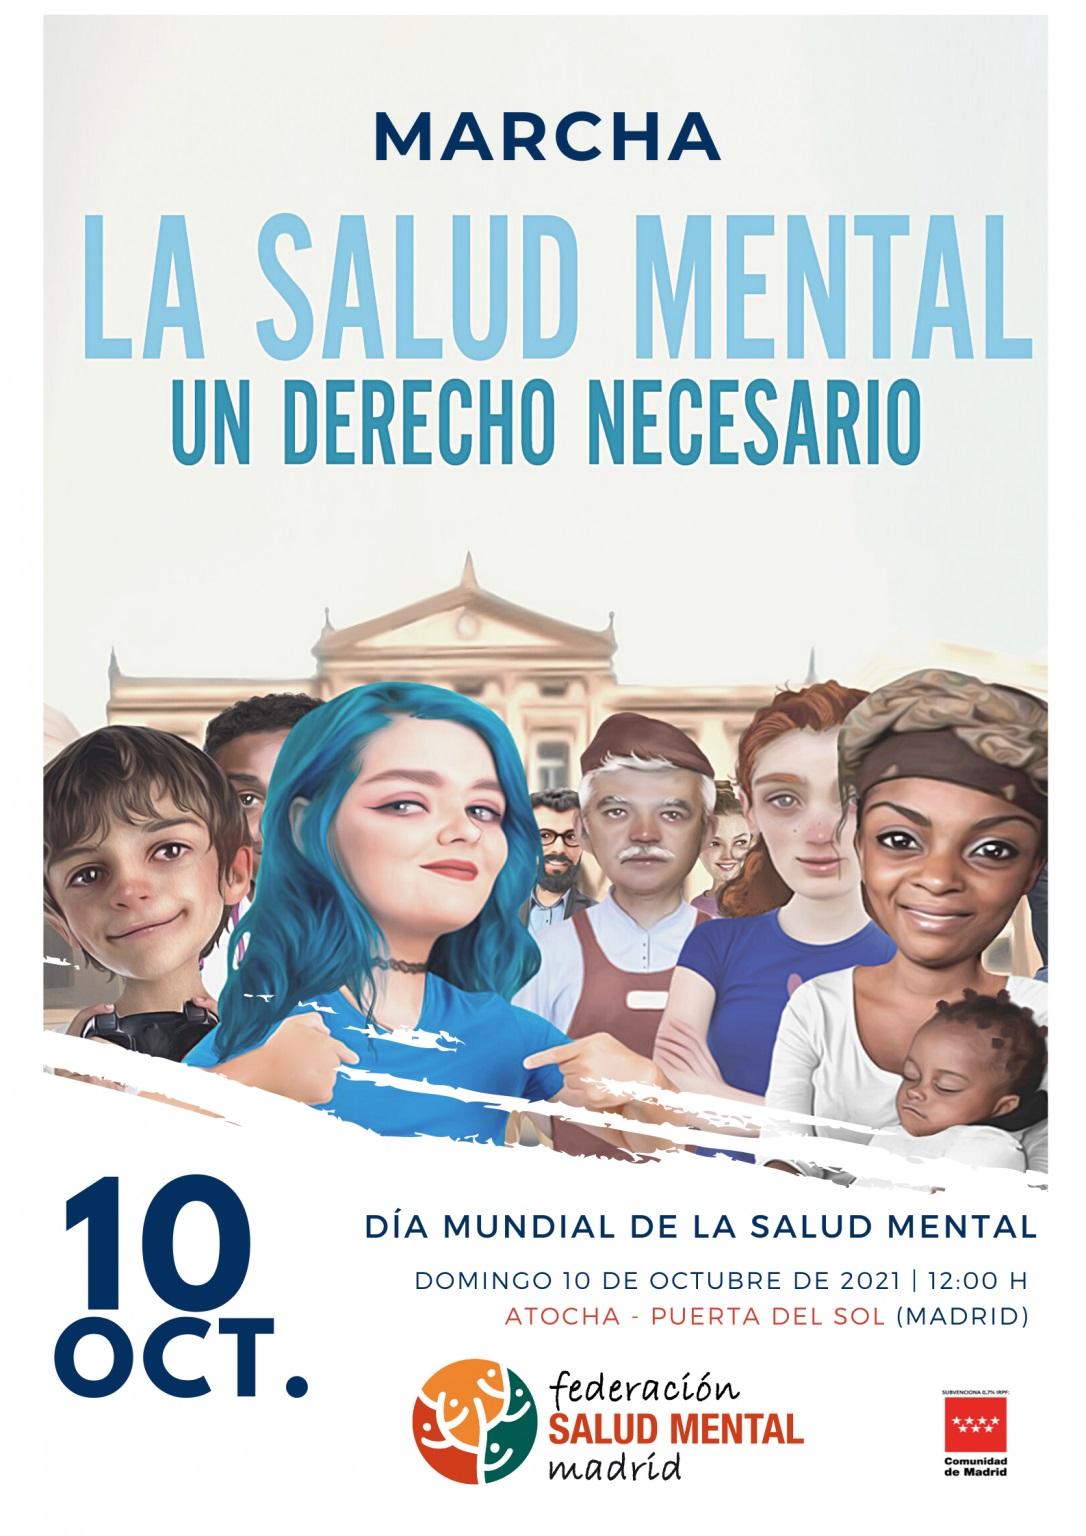 salud mental derecho necesario